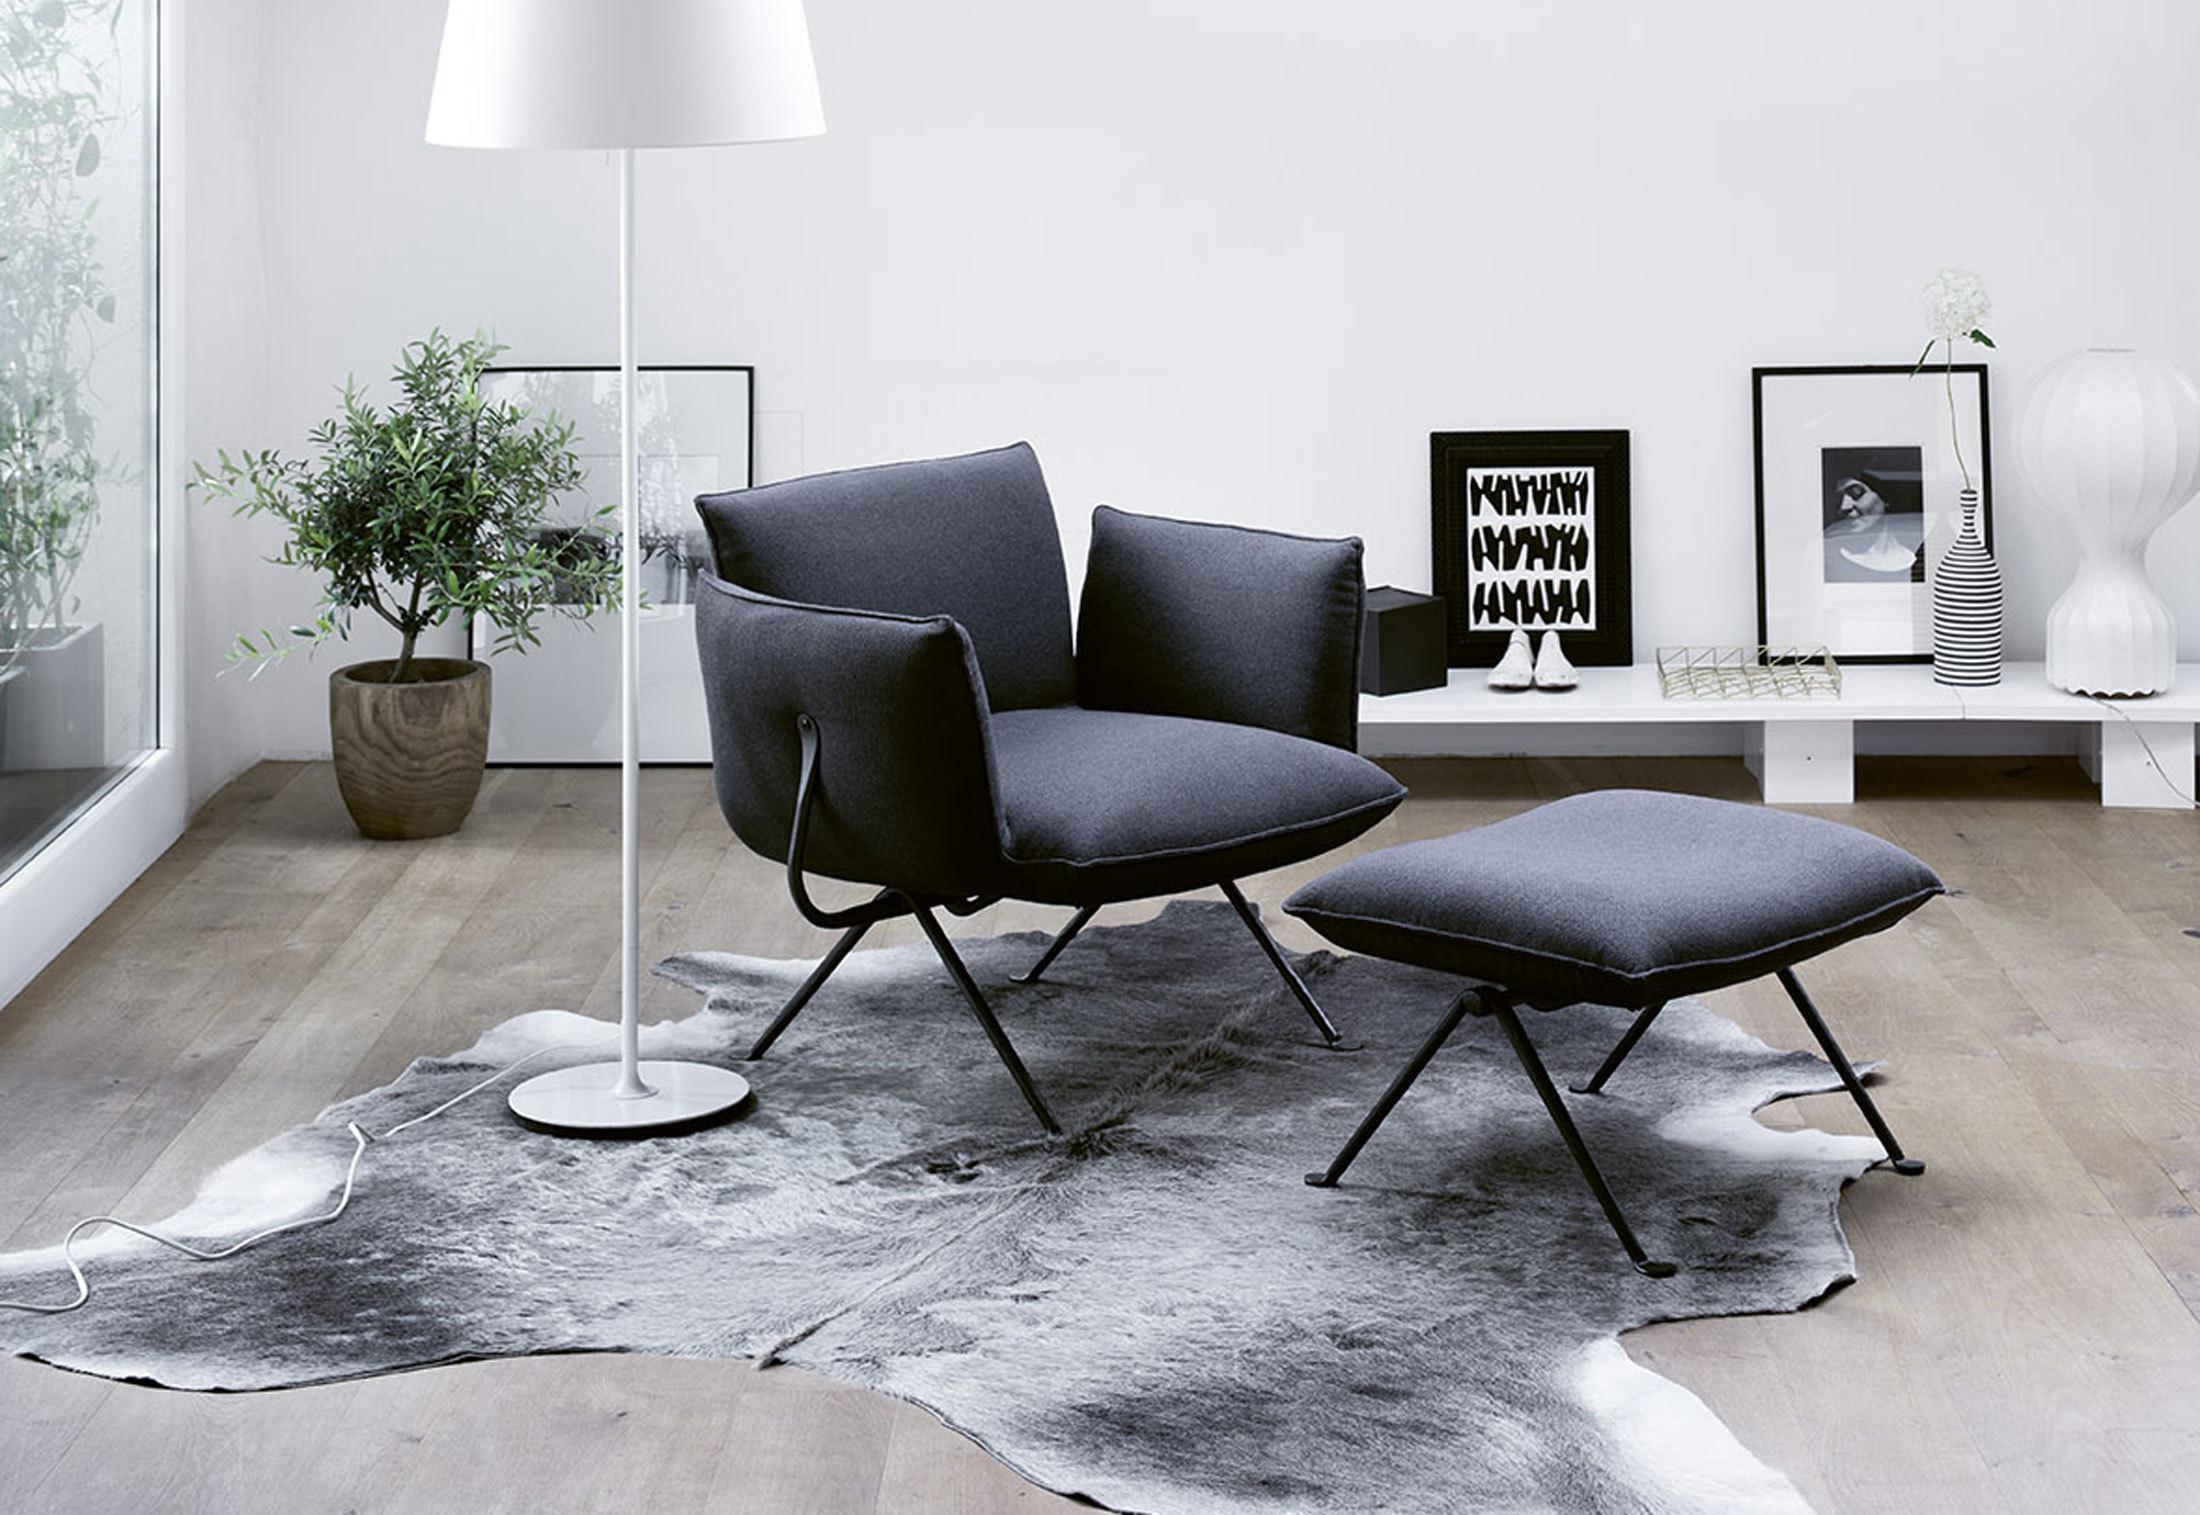 seater blue low couch gf mood sofa skandium mira haiku